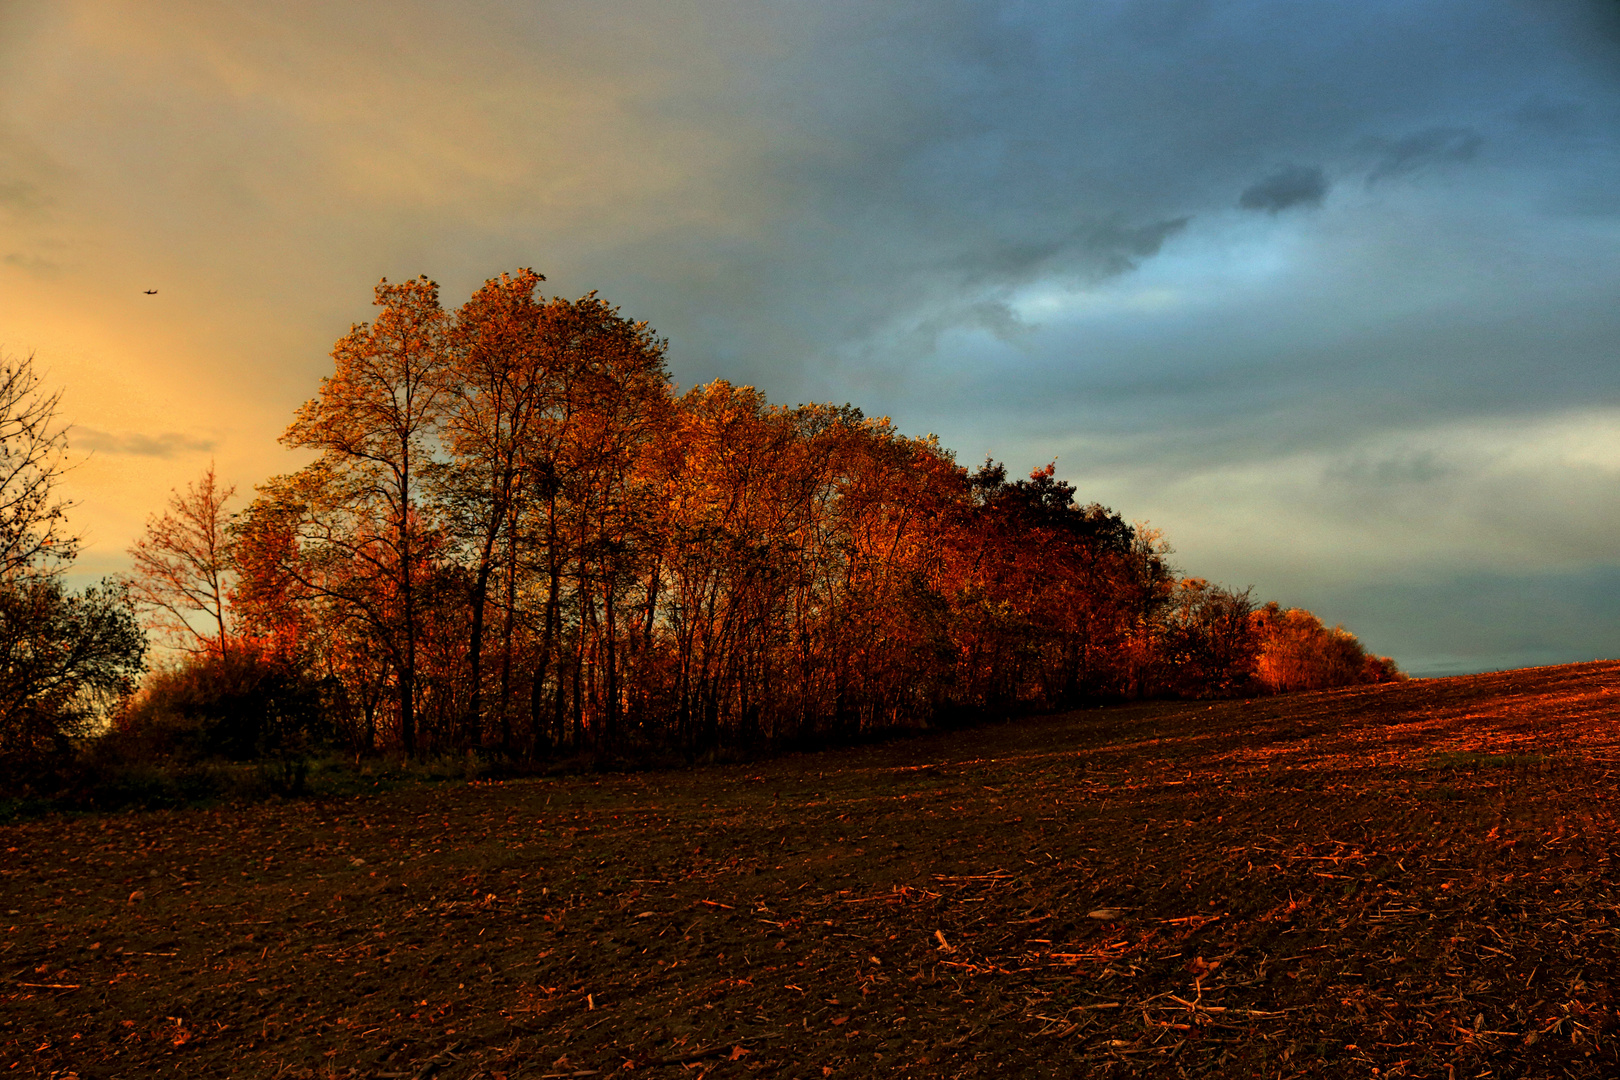 Der Herbst und seine Farben ...